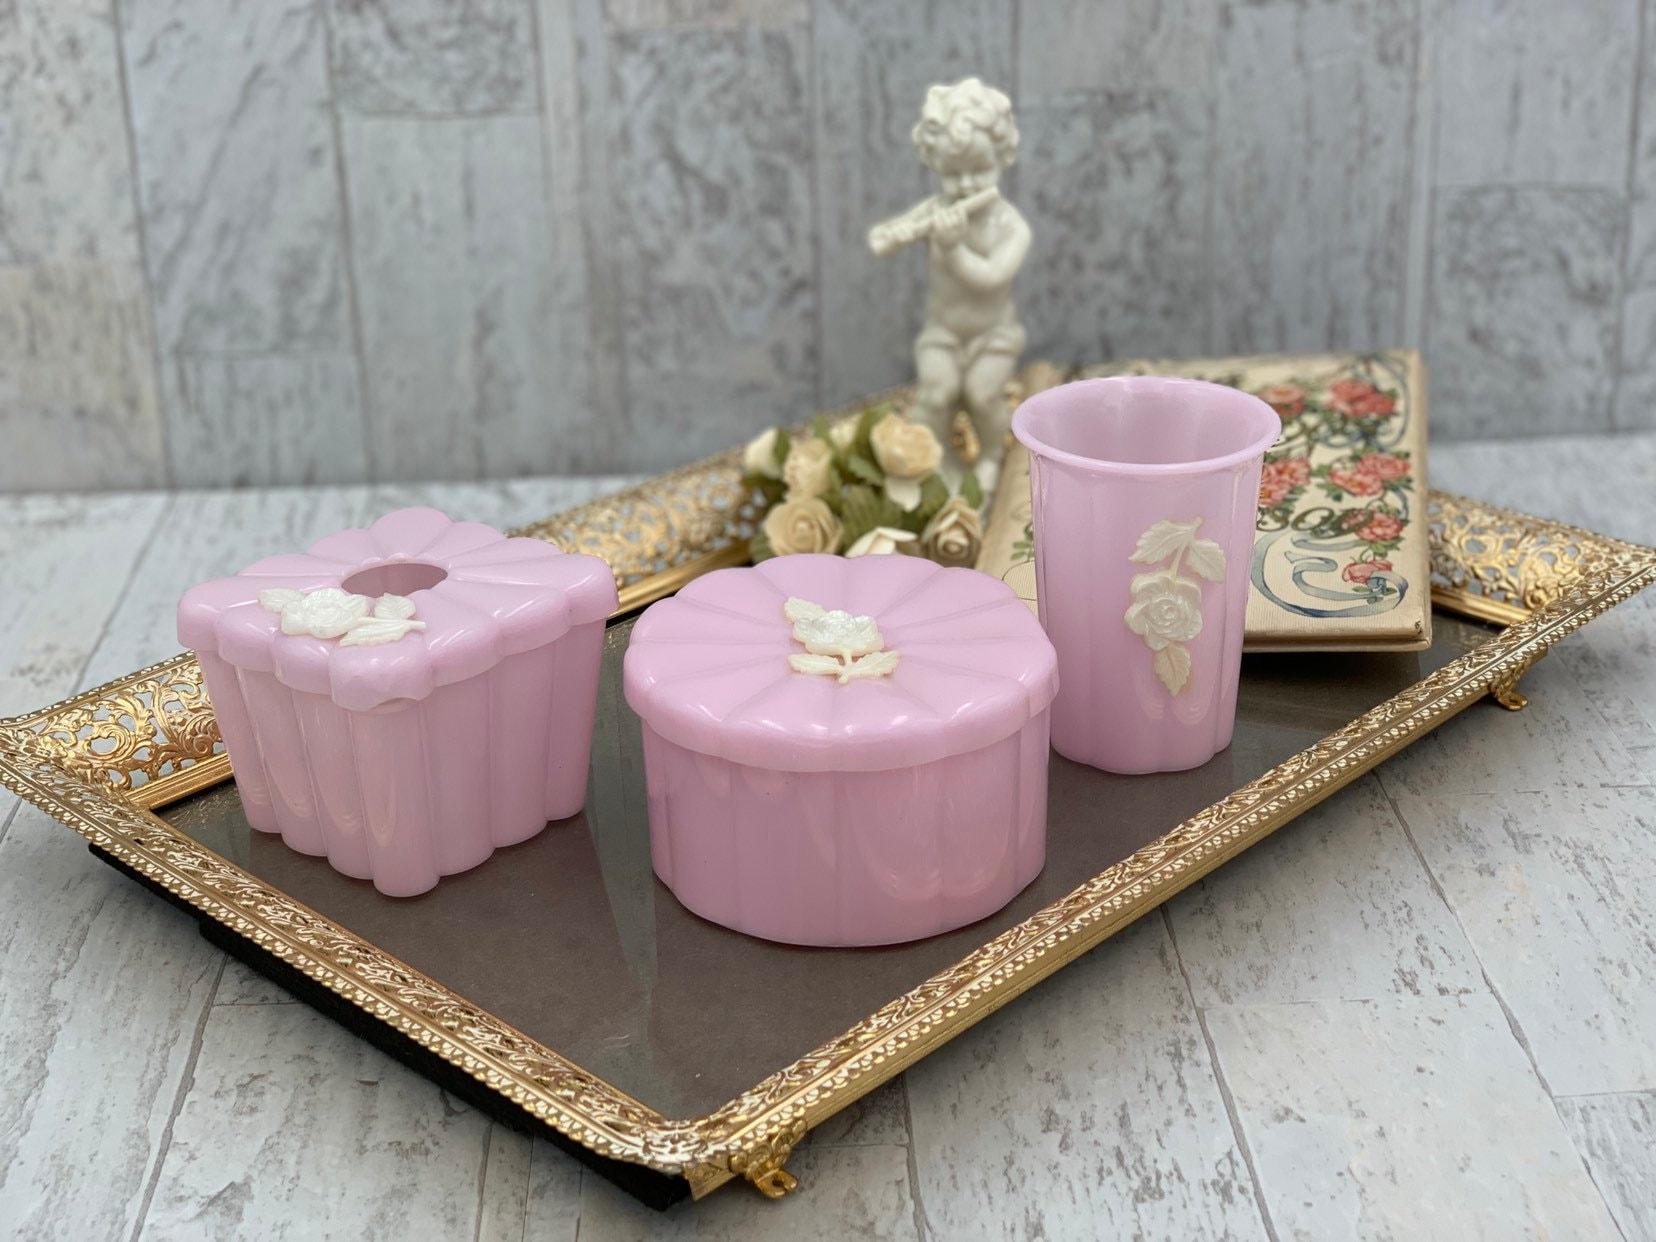 Vintage Menda Bathroom Vanity Set Pink With White Roses